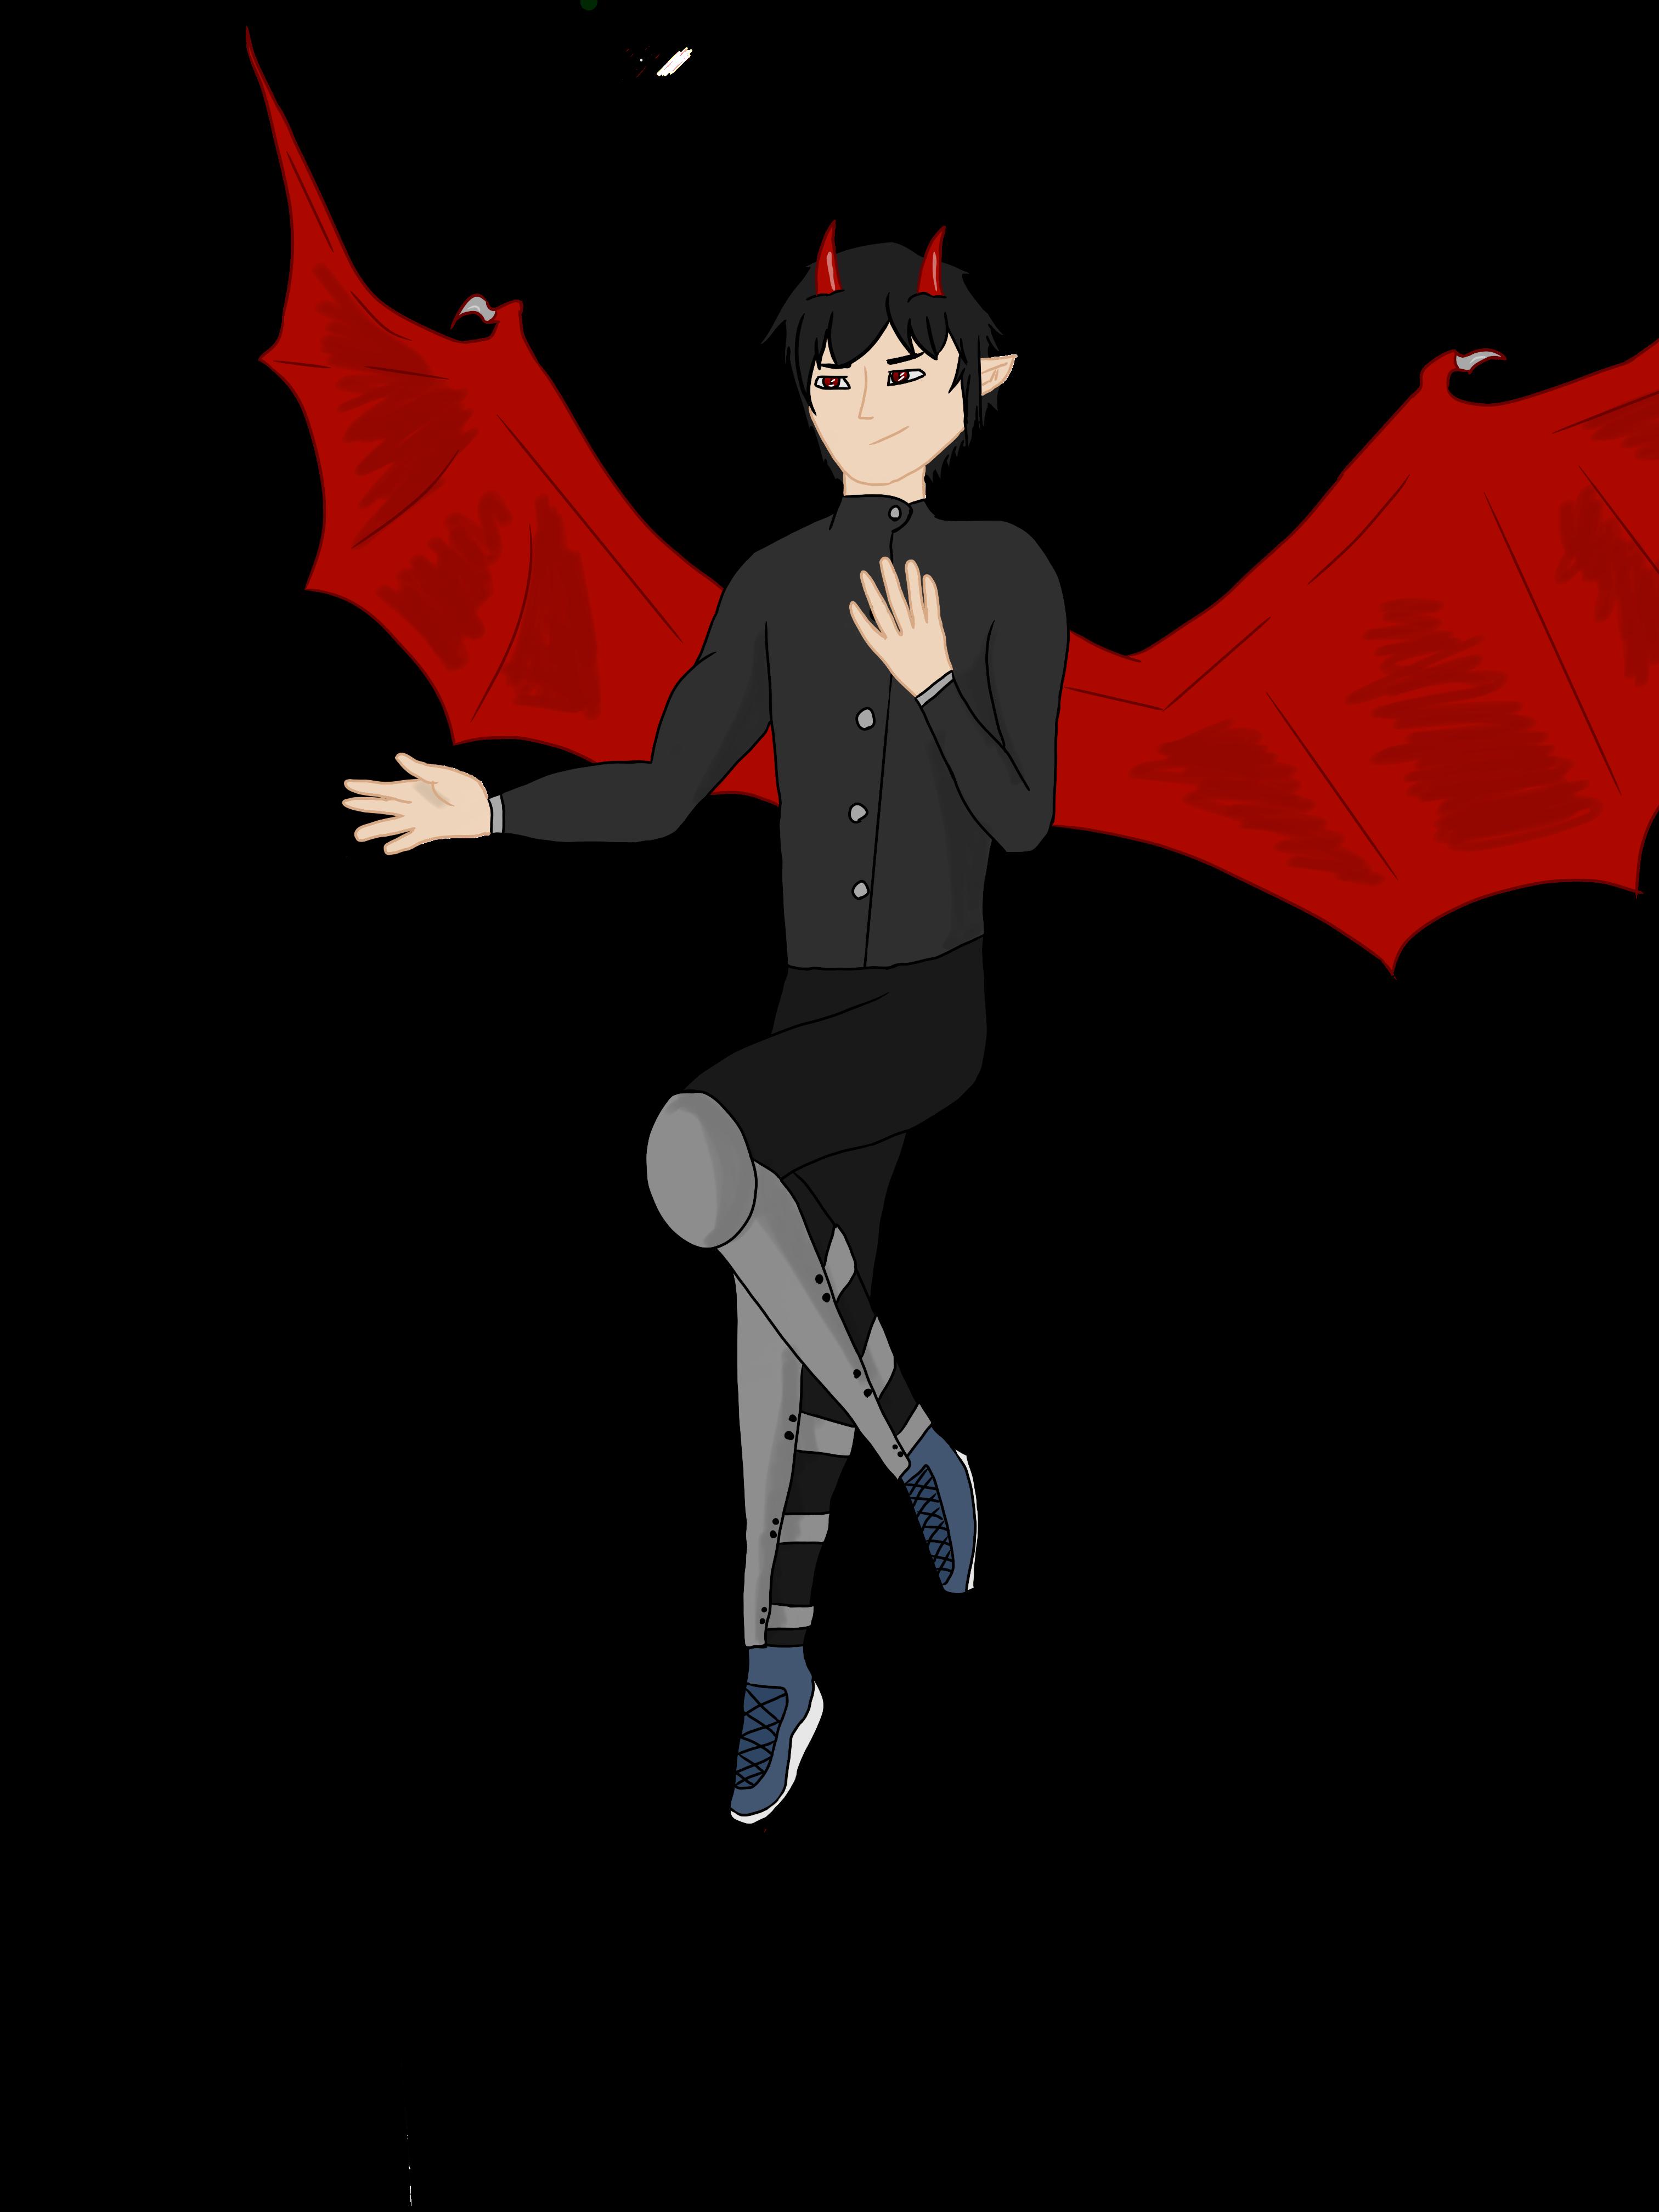 Zacheriah Deathbane/Darkfire/Dragonborne